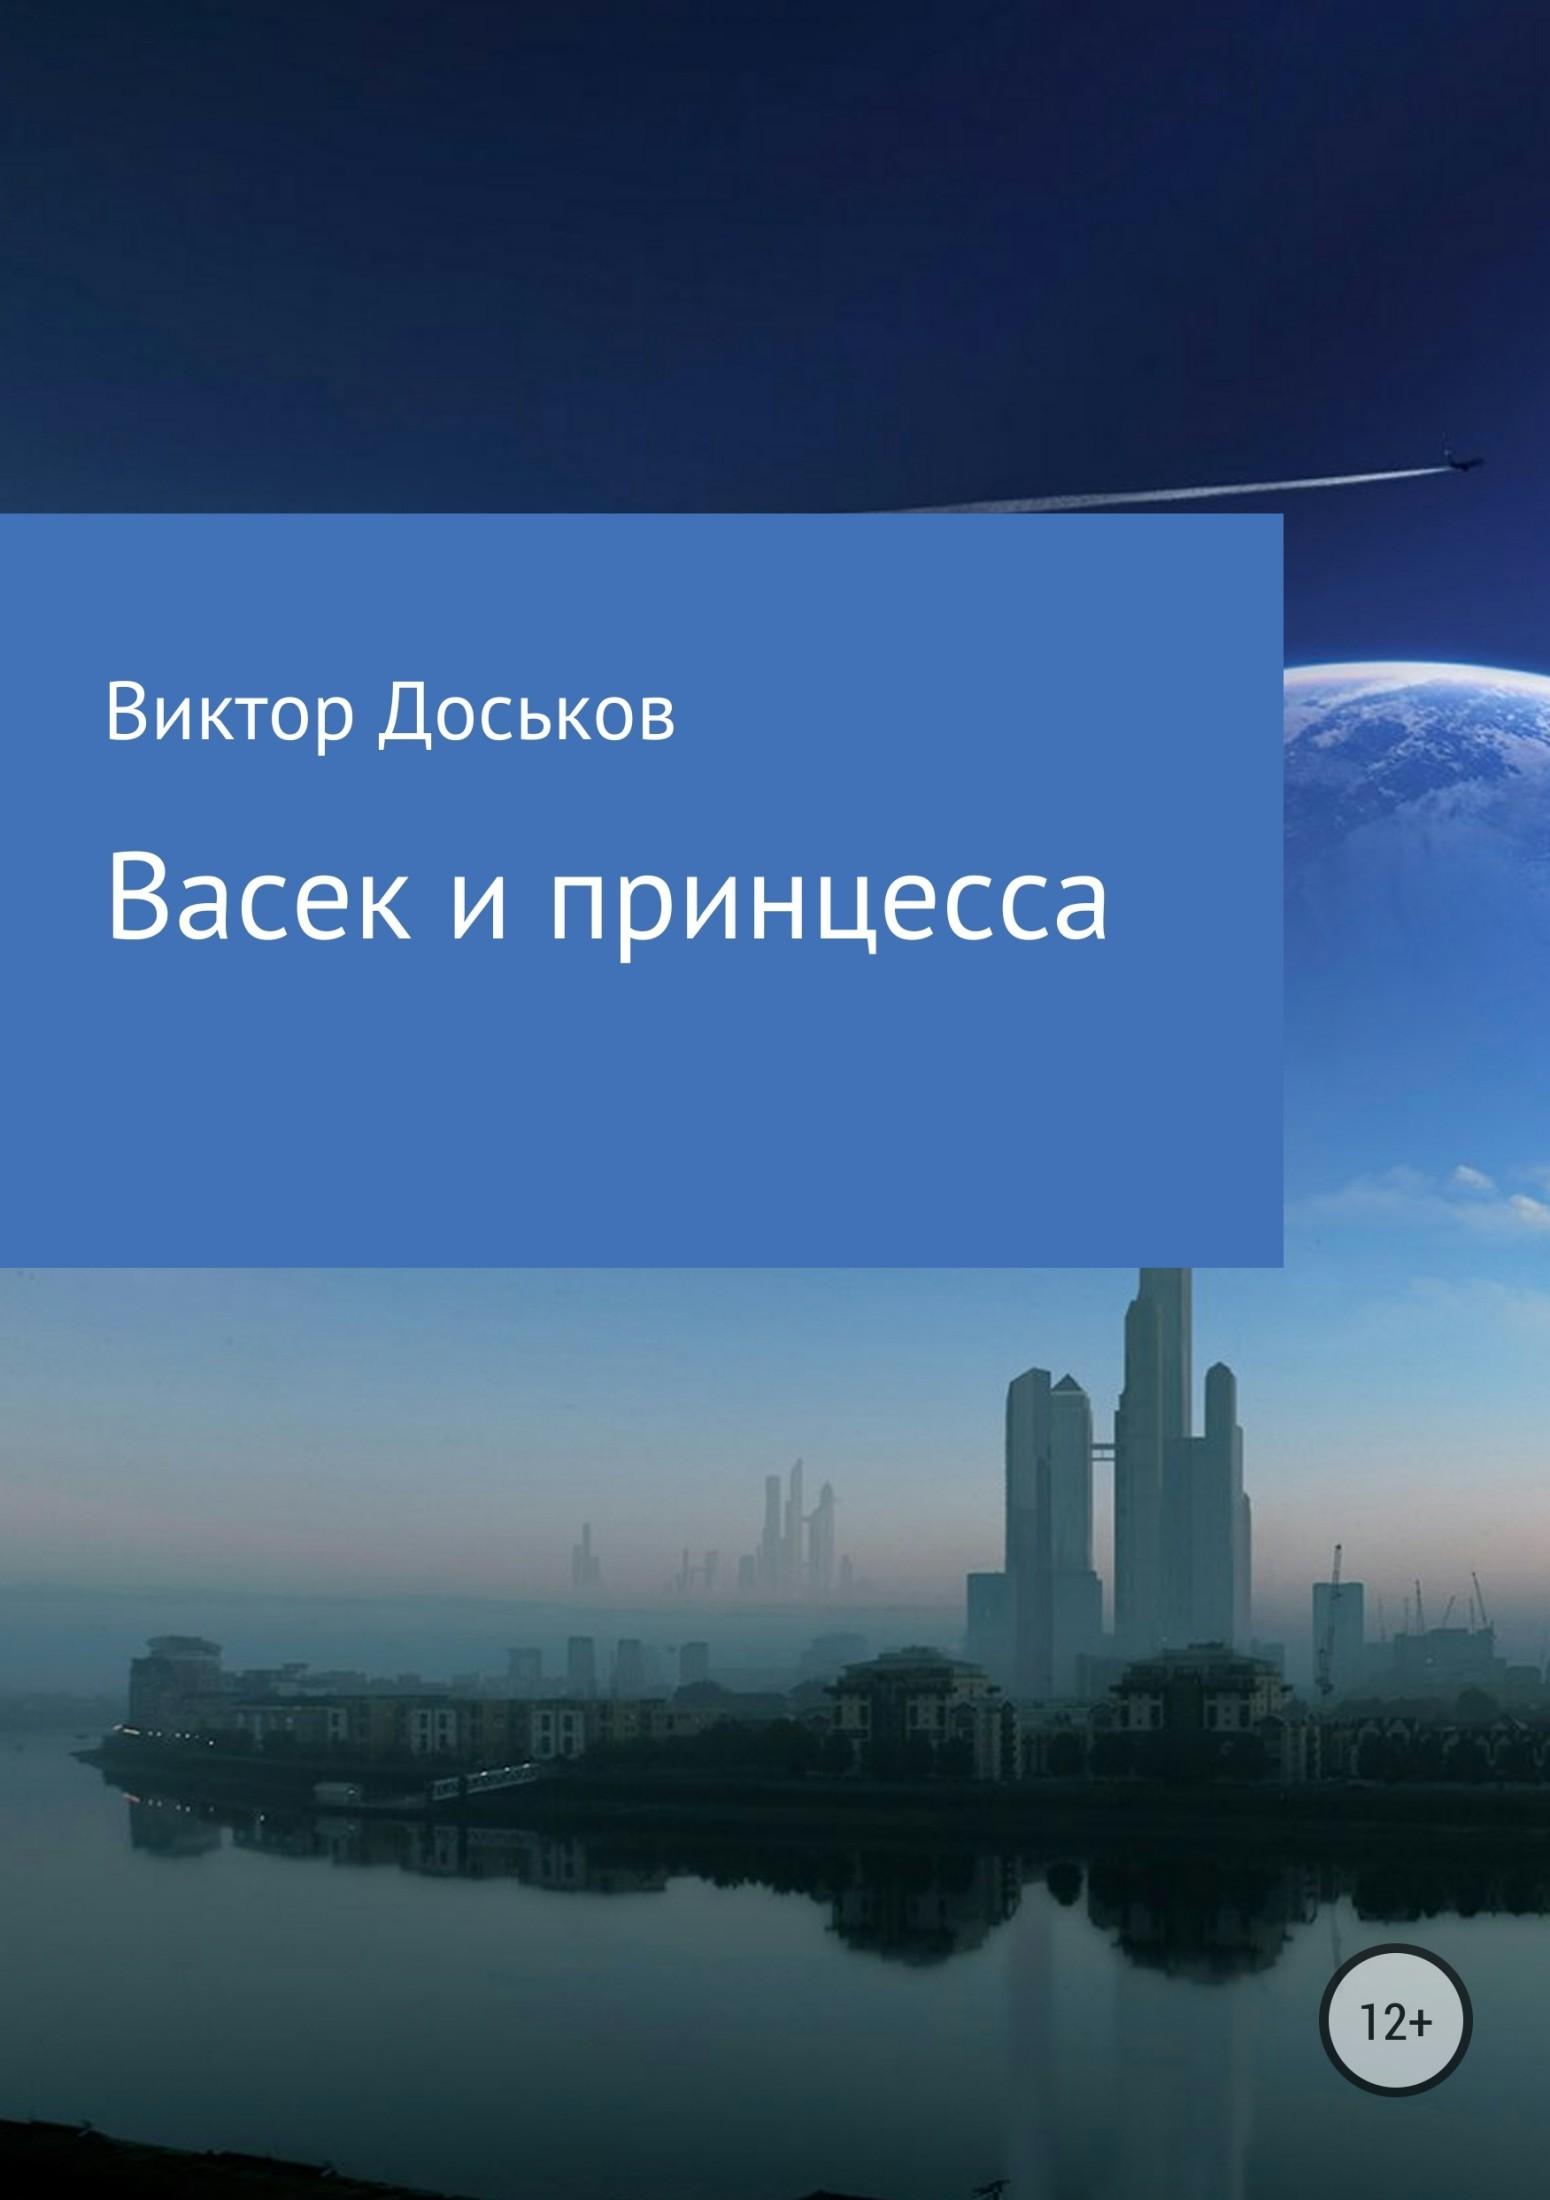 Виктор Николаевия Доськов бесплатно